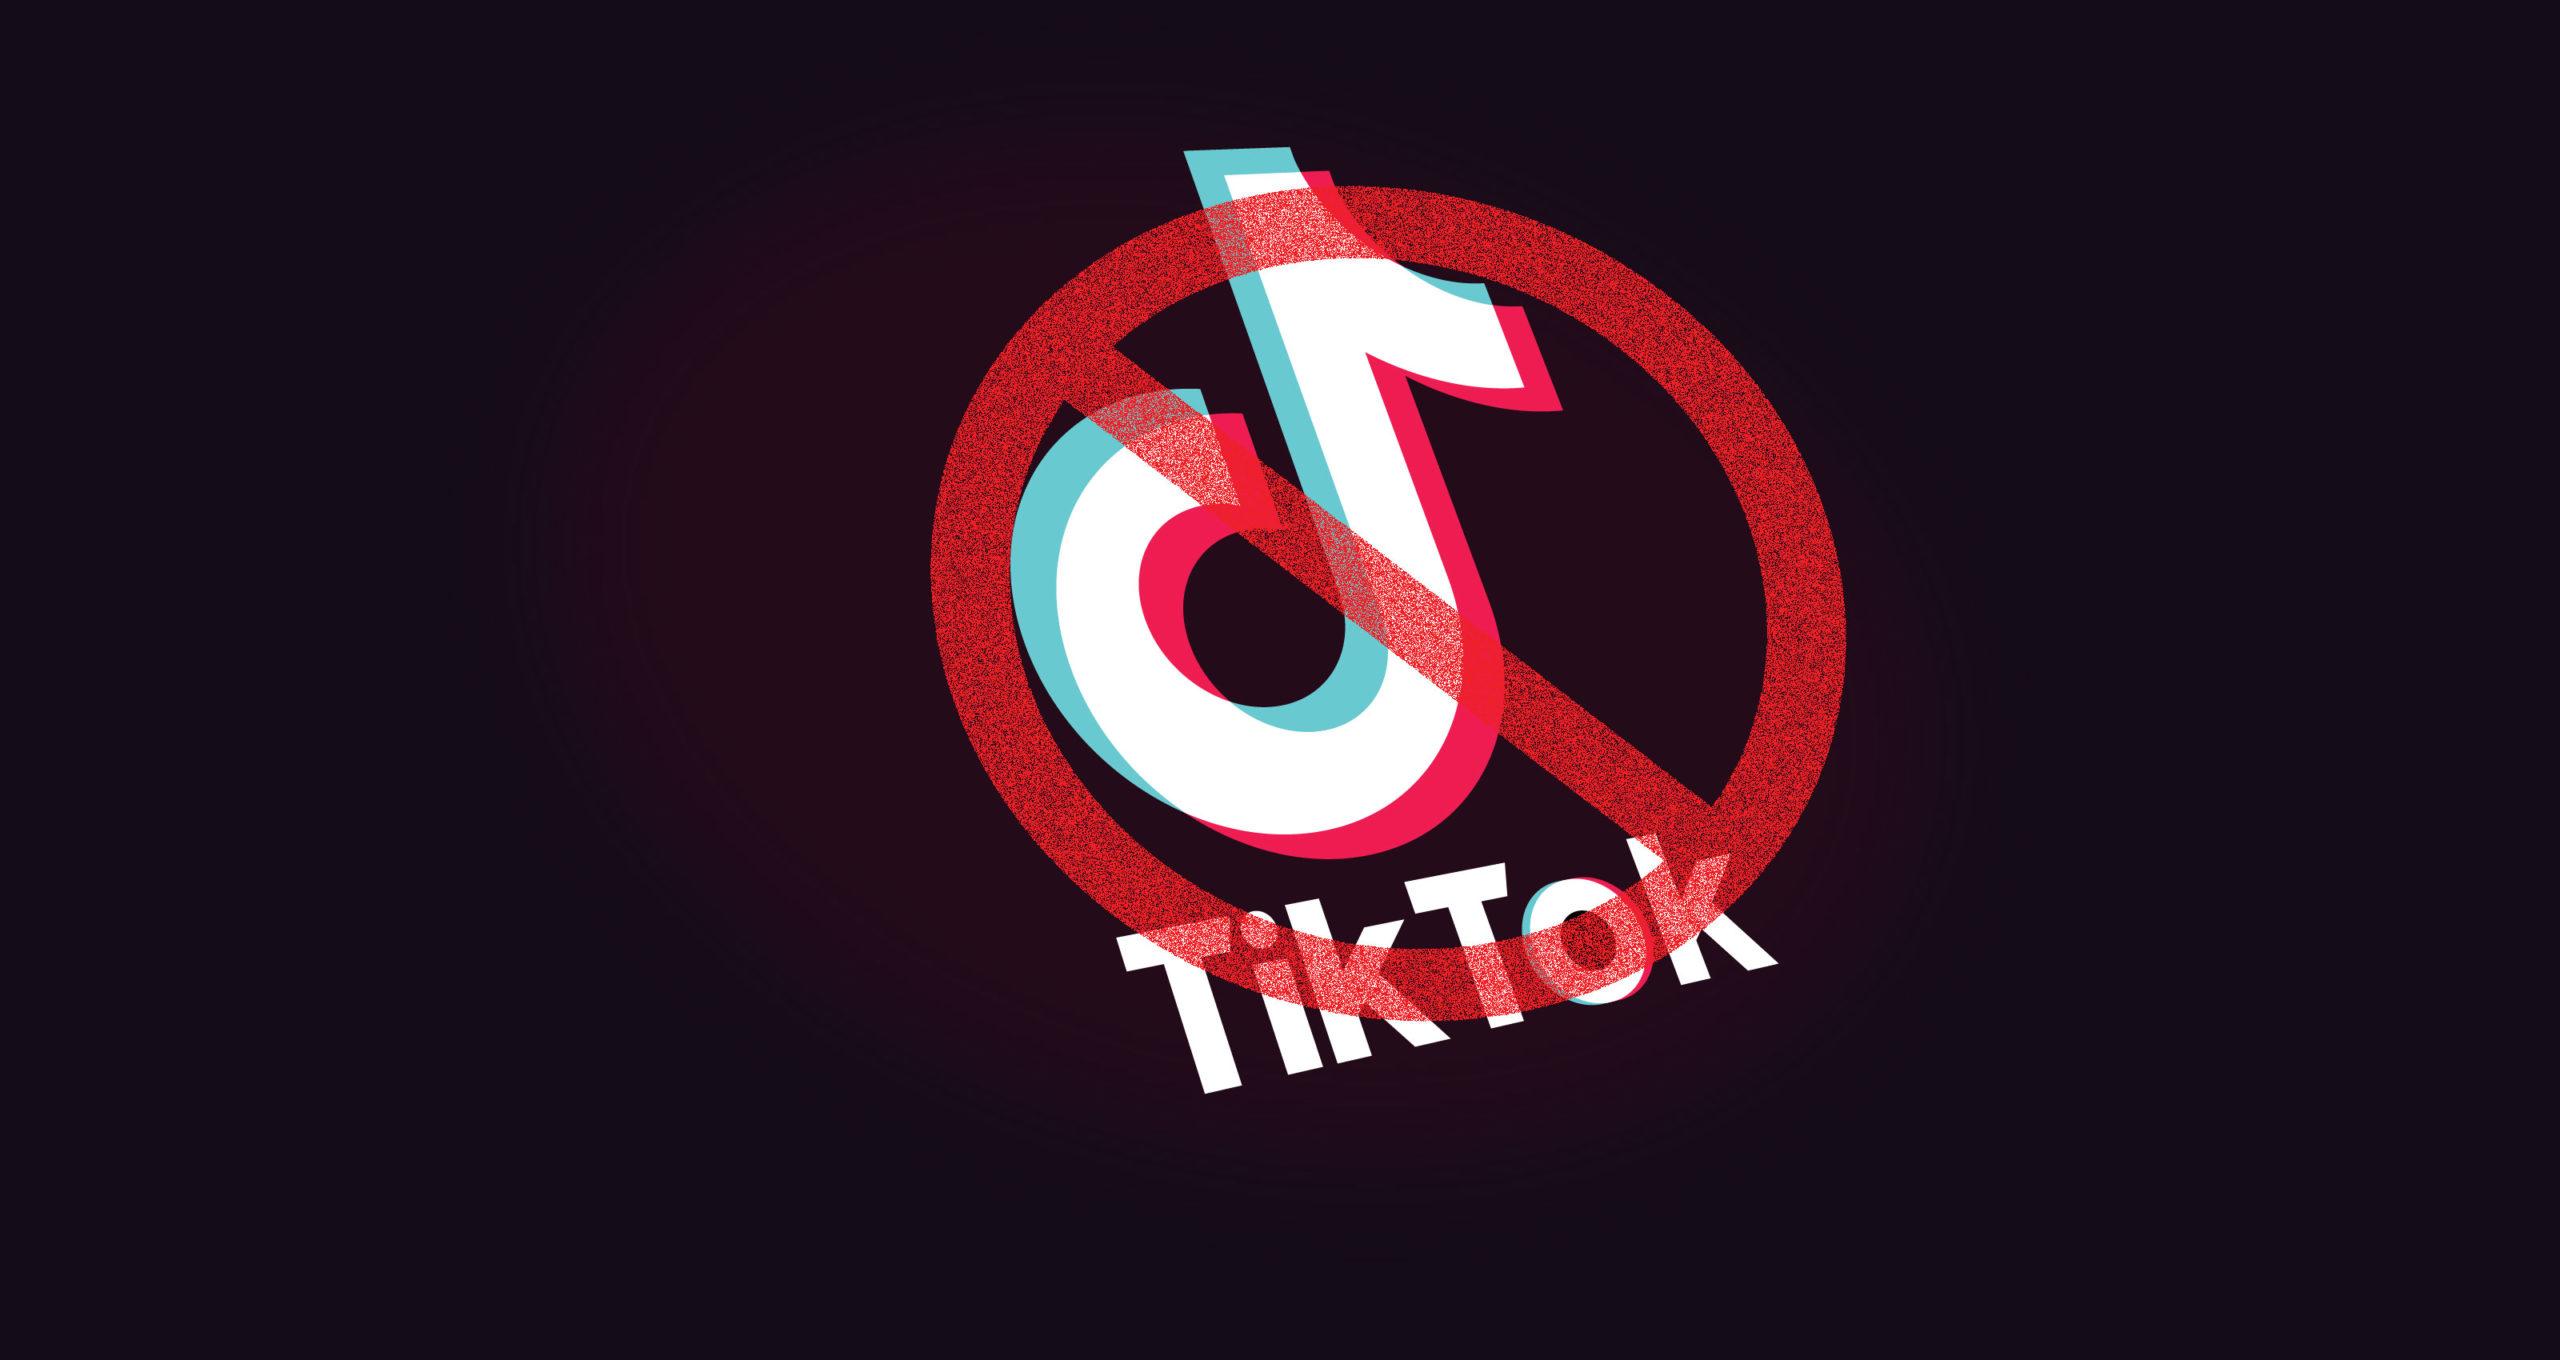 भारत सरकार ने TikTok, UC ब्राउजर, Shareit सहित 59 चाइनीज ऐप पर बैन लगाया